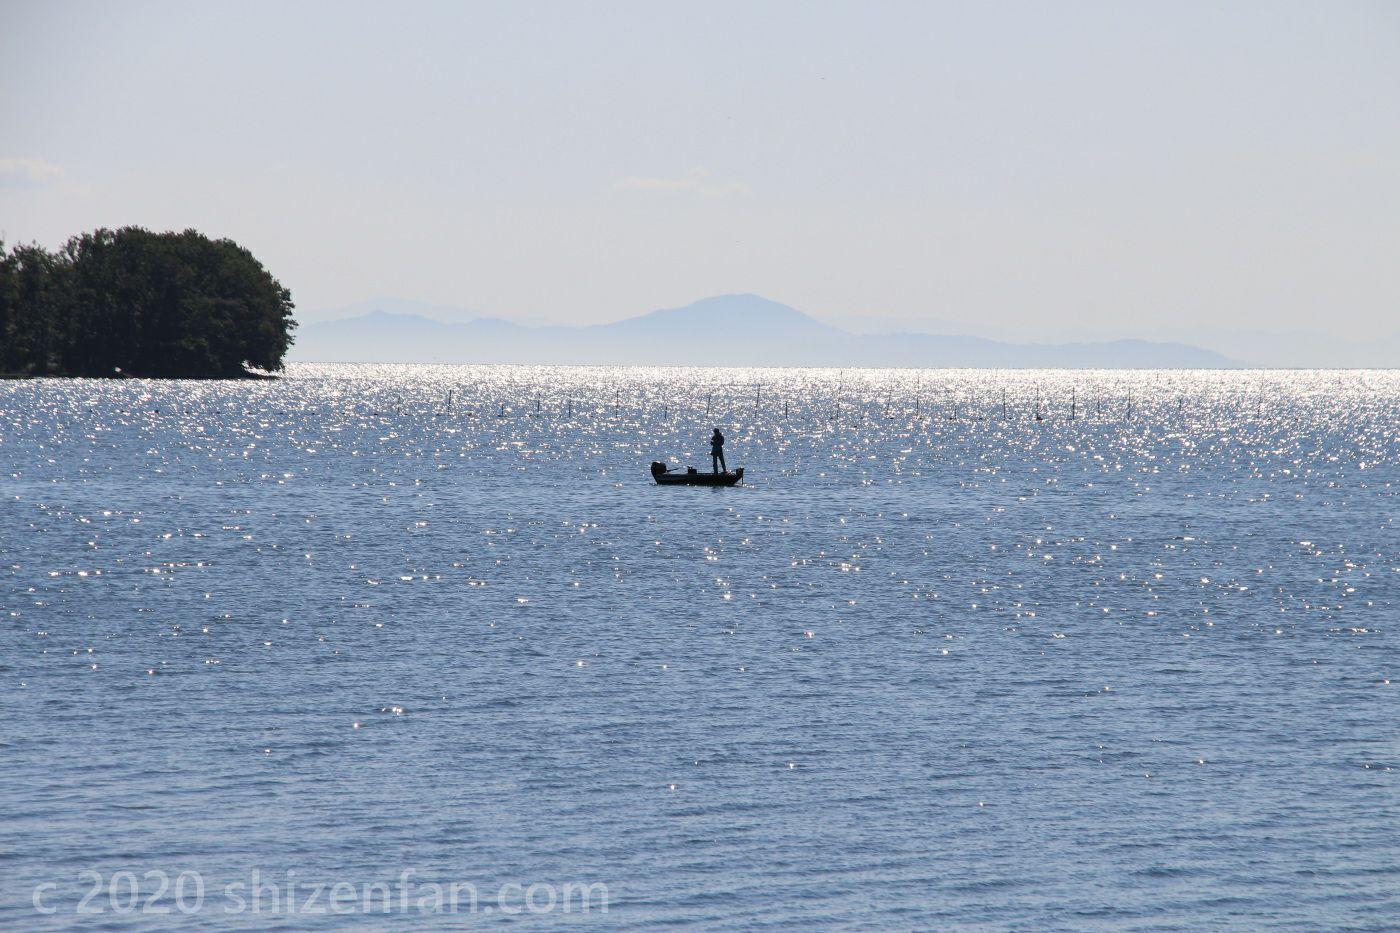 奥琵琶湖の輝く湖面に浮かぶ釣り船と釣り人